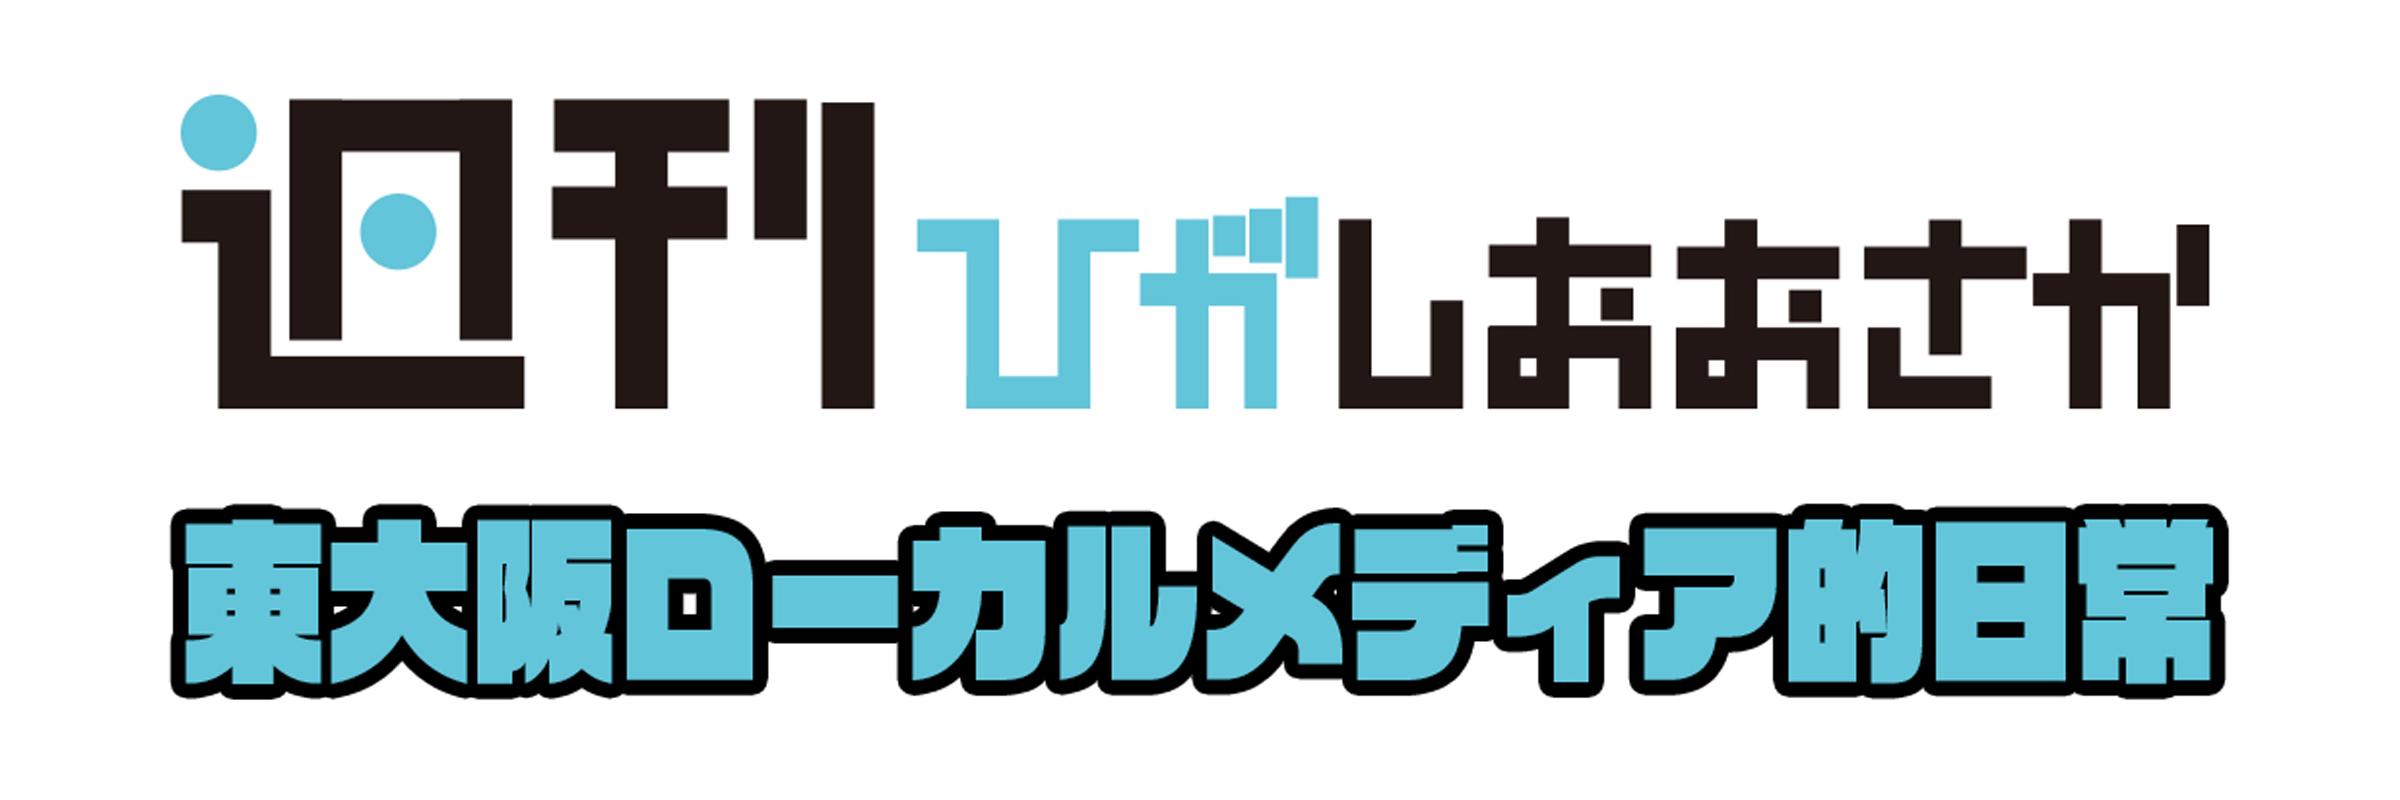 東大阪ローカルメディア的日常